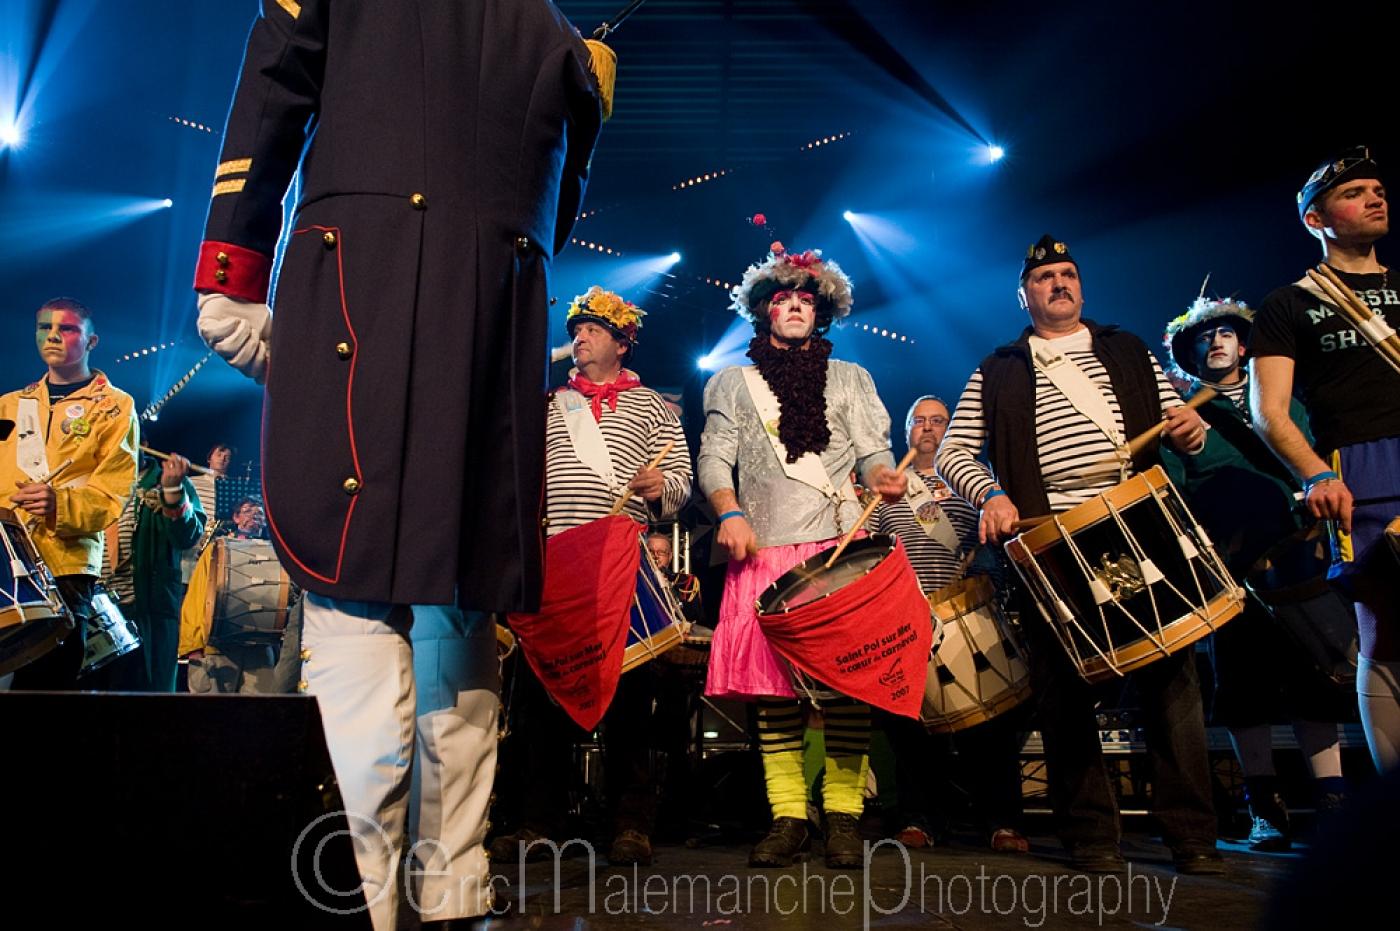 https://www.ericmalemanche.com/imagess/topics/carnaval-de-dunkerque/liste/Carnaval-Dunkerque-0888.jpg